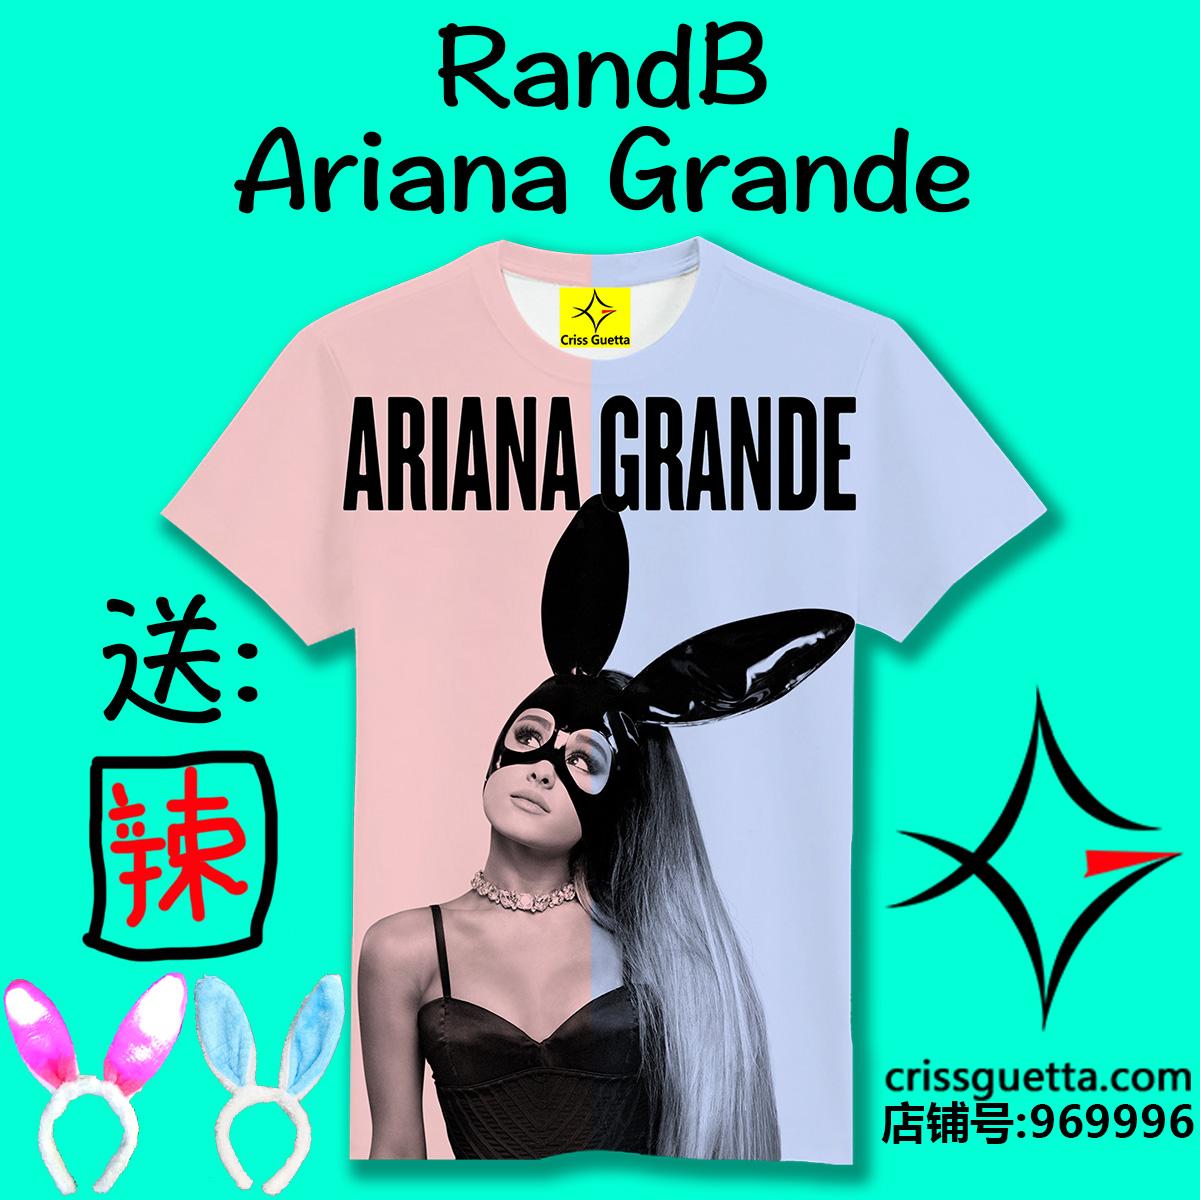 CG RandB Ariana Grande Dangerous Woman Tour T恤衣服演唱会票